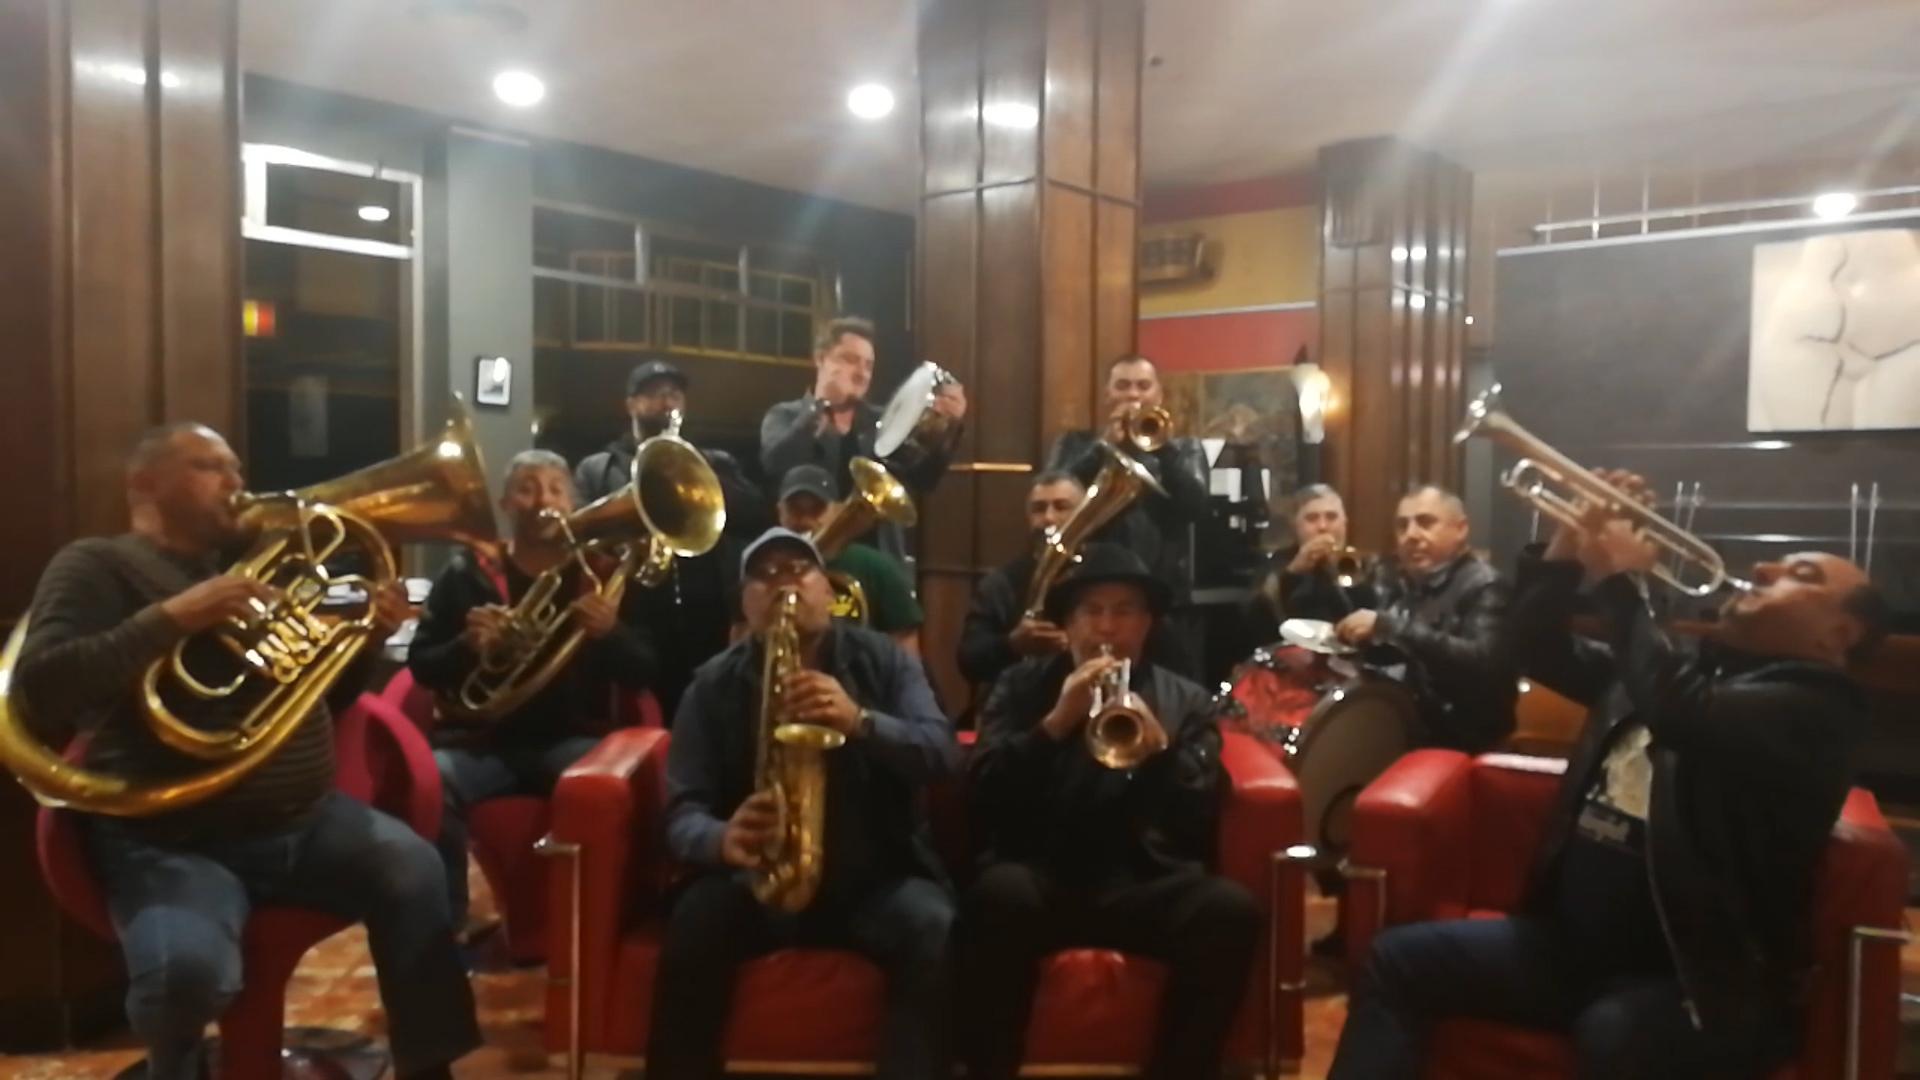 León baila a ritmo de música balcánica gracias a Fanfare Ciocarlia